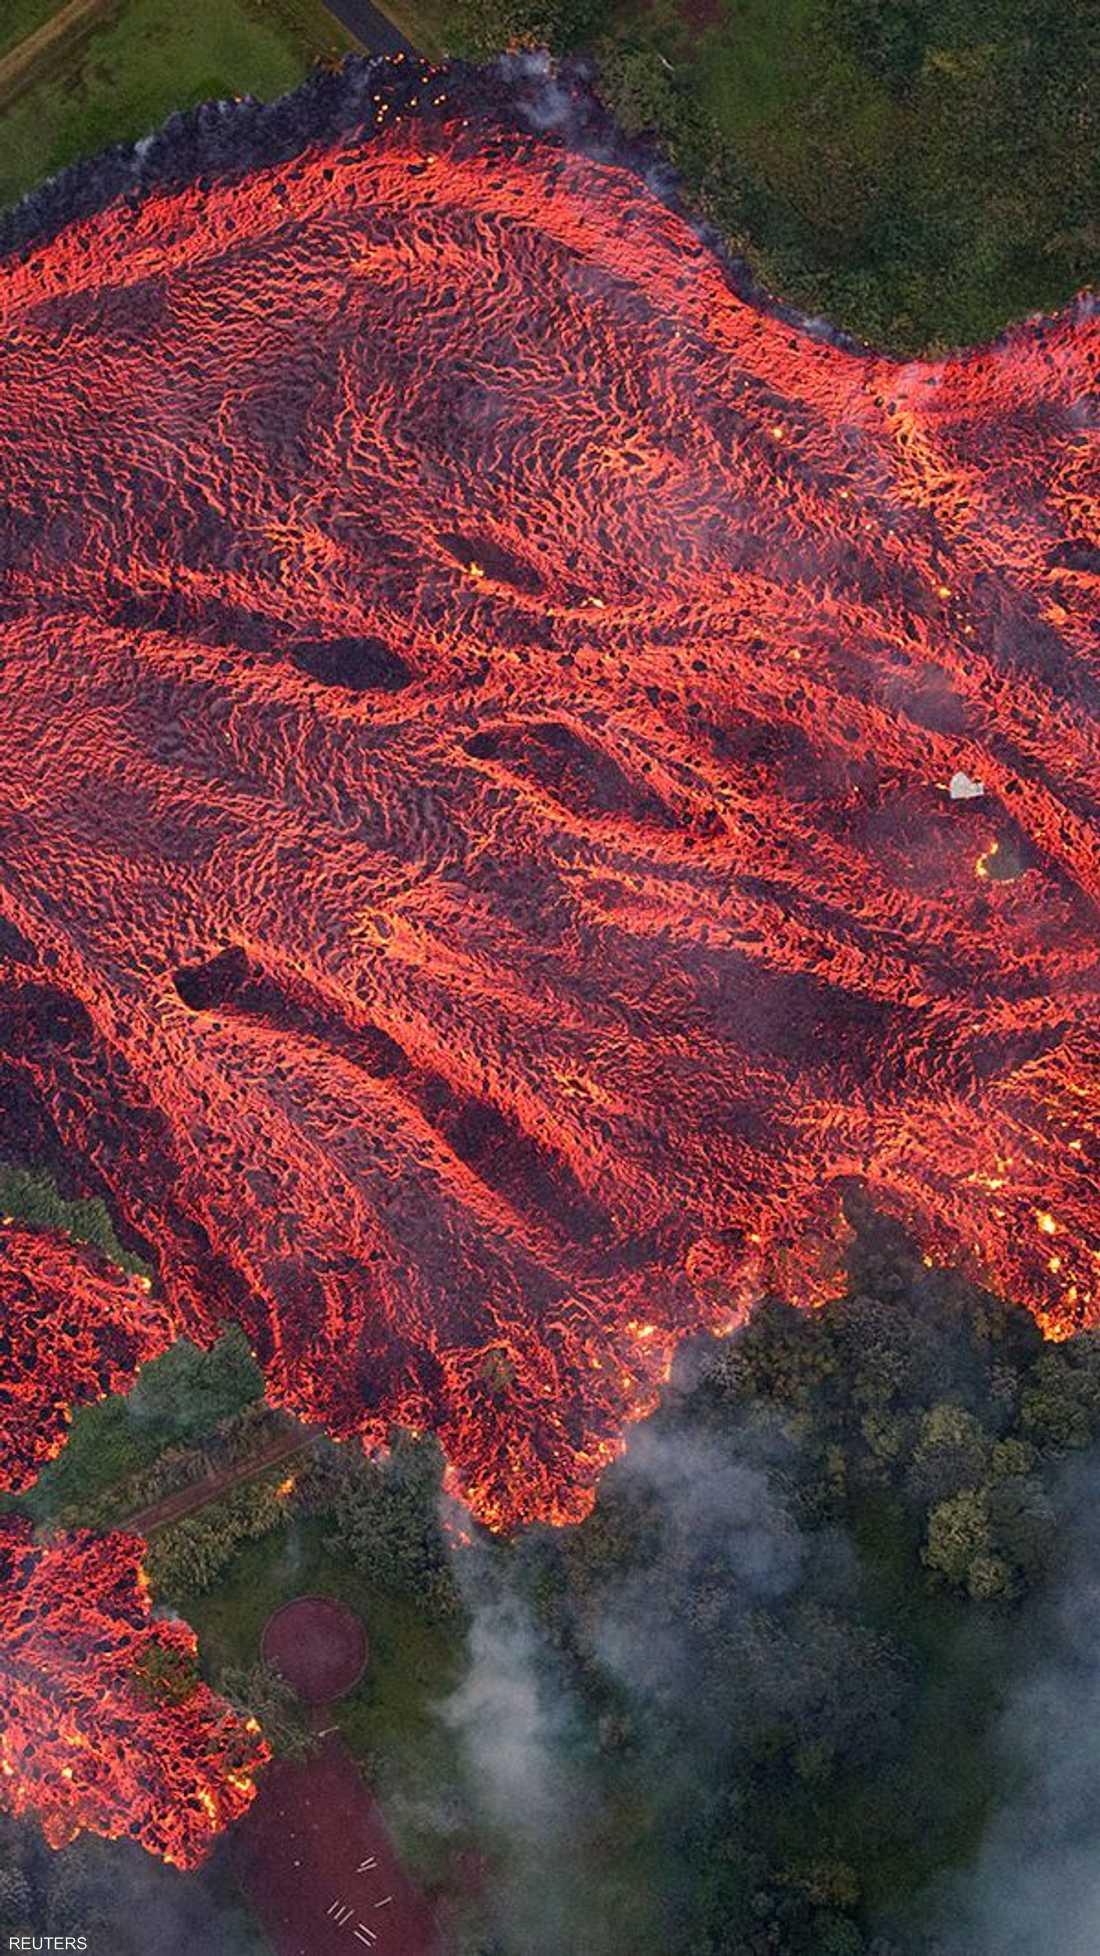 سيول النار تجتاح قرية في هاواي الأميركية